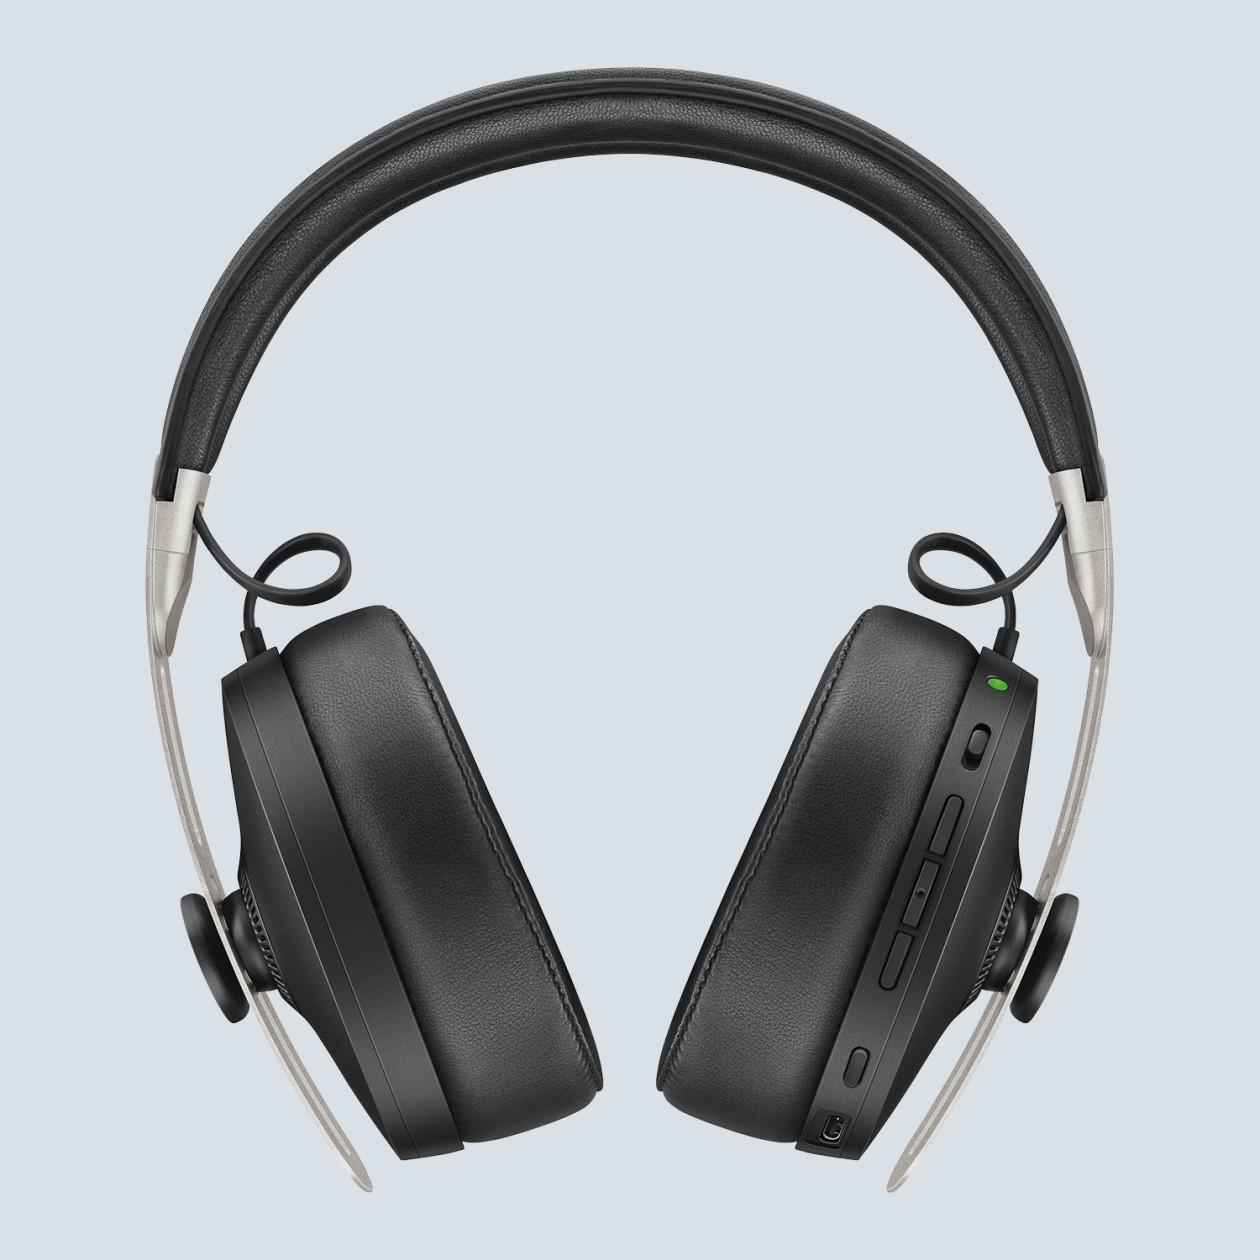 (Lufthansa Worldshop) Sennheiser Momentum 3 Wireless Over-Ear Kopfhörer, Black und Sandy White